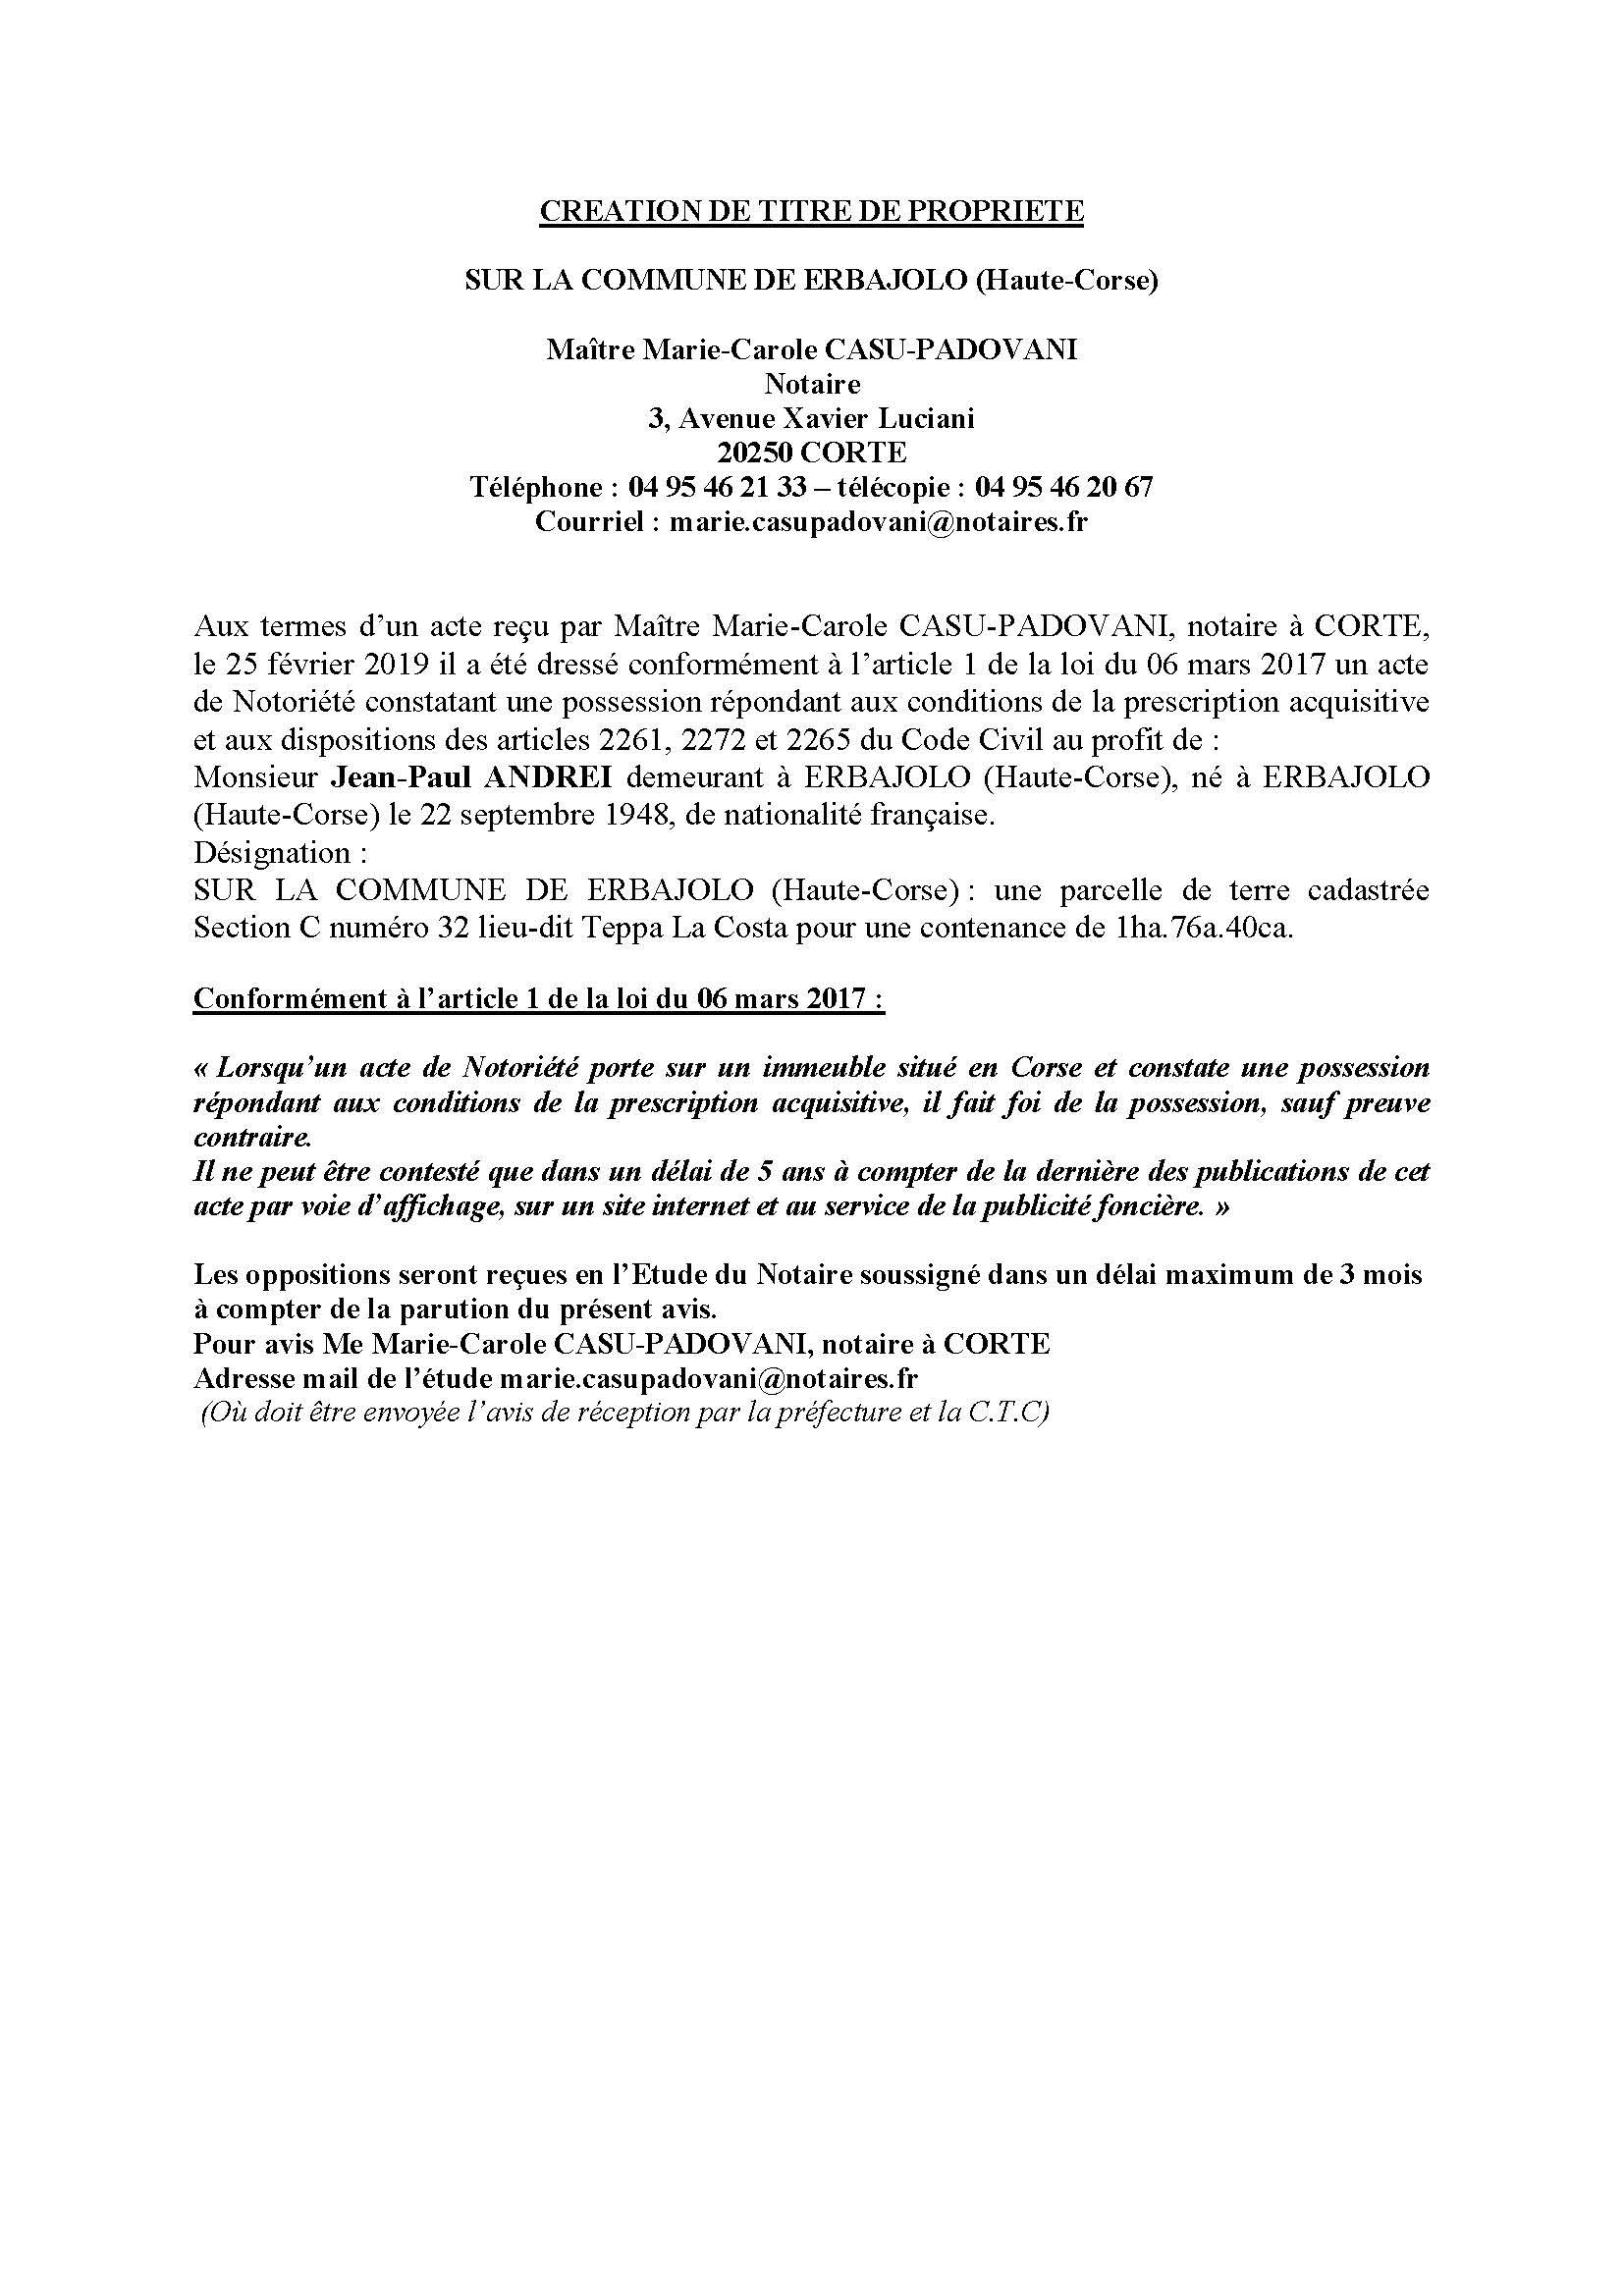 Avis de création de titre de propriété - commune de Erbajolo (Haute-Corse)